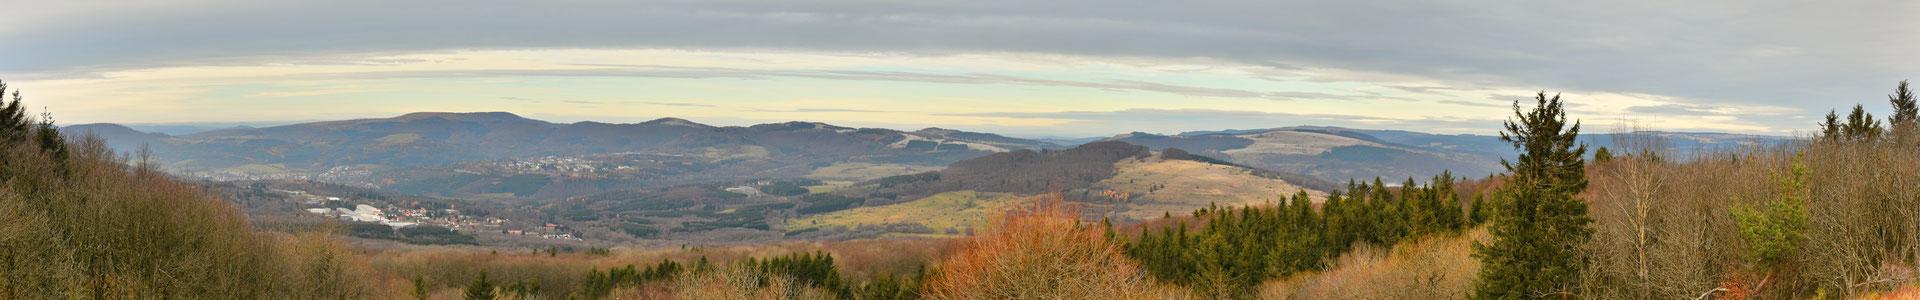 Panorama, Rhön, Aussicht, Herbst